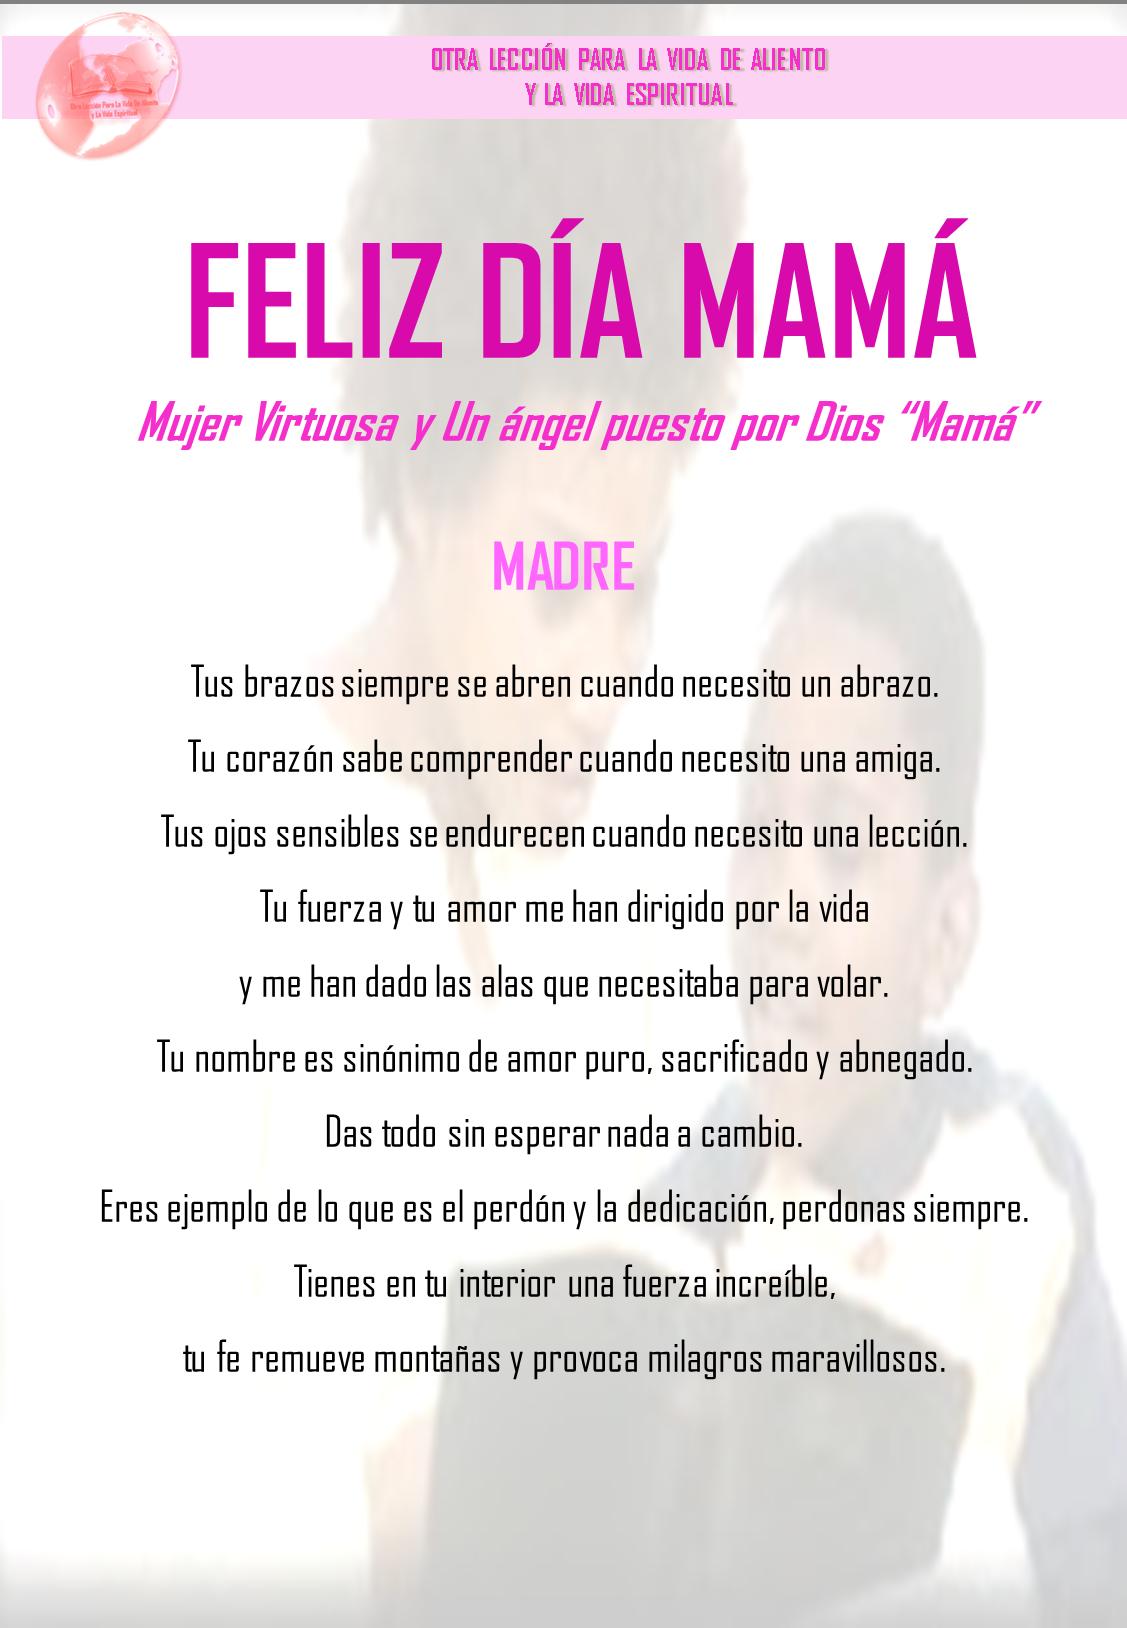 Feliz Dia Mama Última actualización jul 8, 2020. feliz dia mama